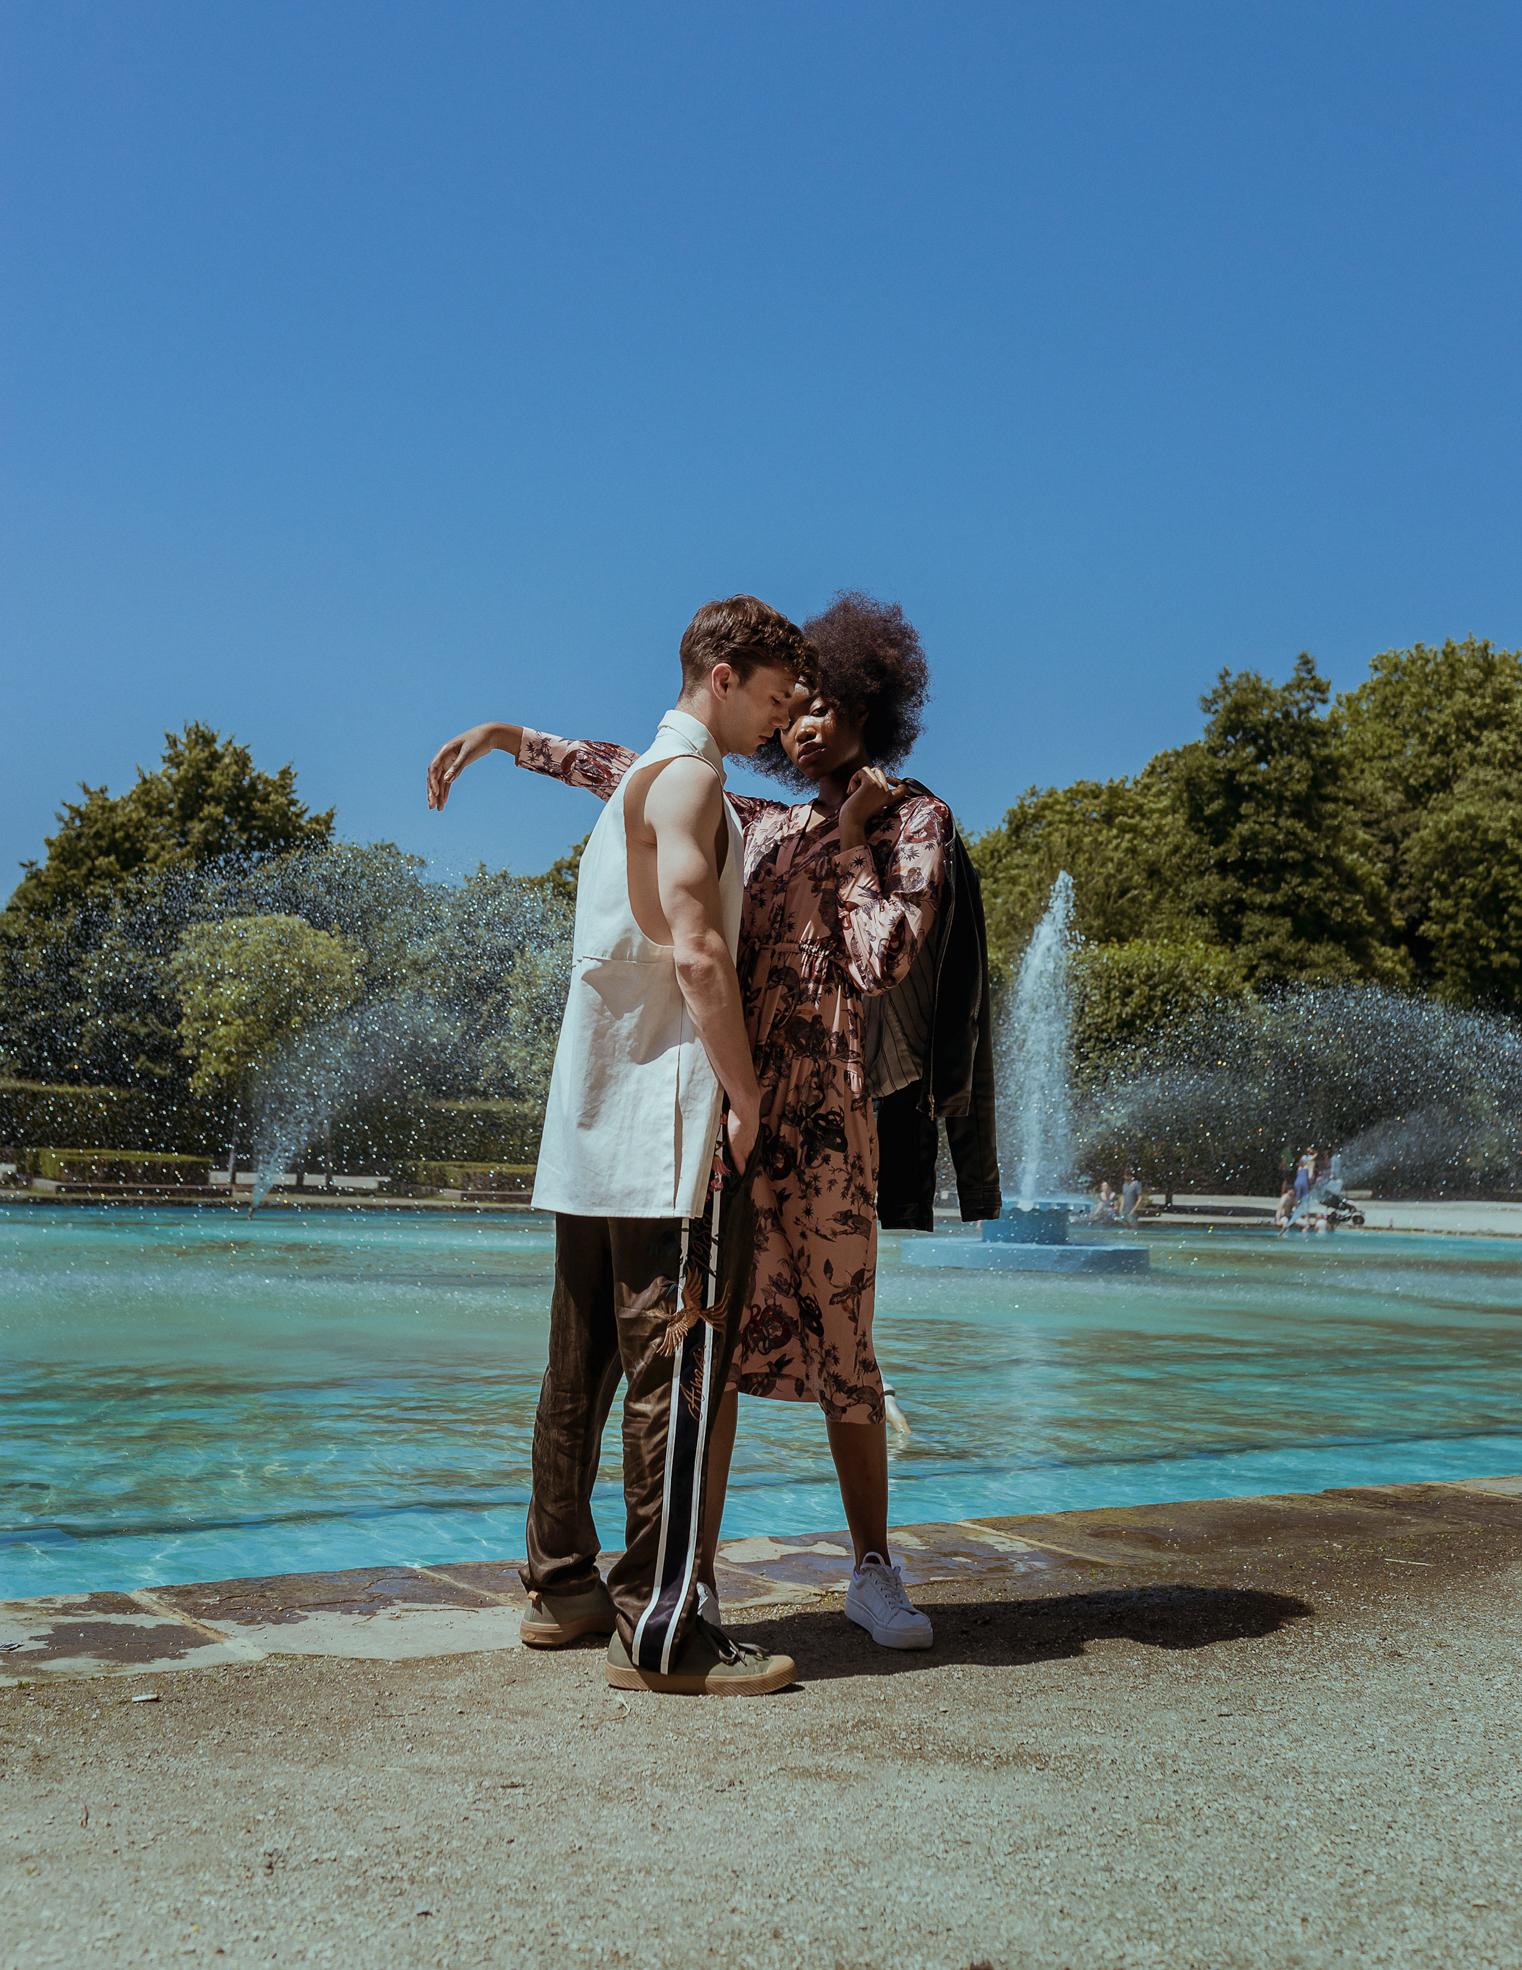 Alex //  White shirt  - Mayya Agayeva  Gloss Brown Trousers  - Scotch and Soda   Shoes  - Palladium  Anesu \\-  Pink exotic animal print dress  - Scotch and Soda   Leather Jacket  - Models